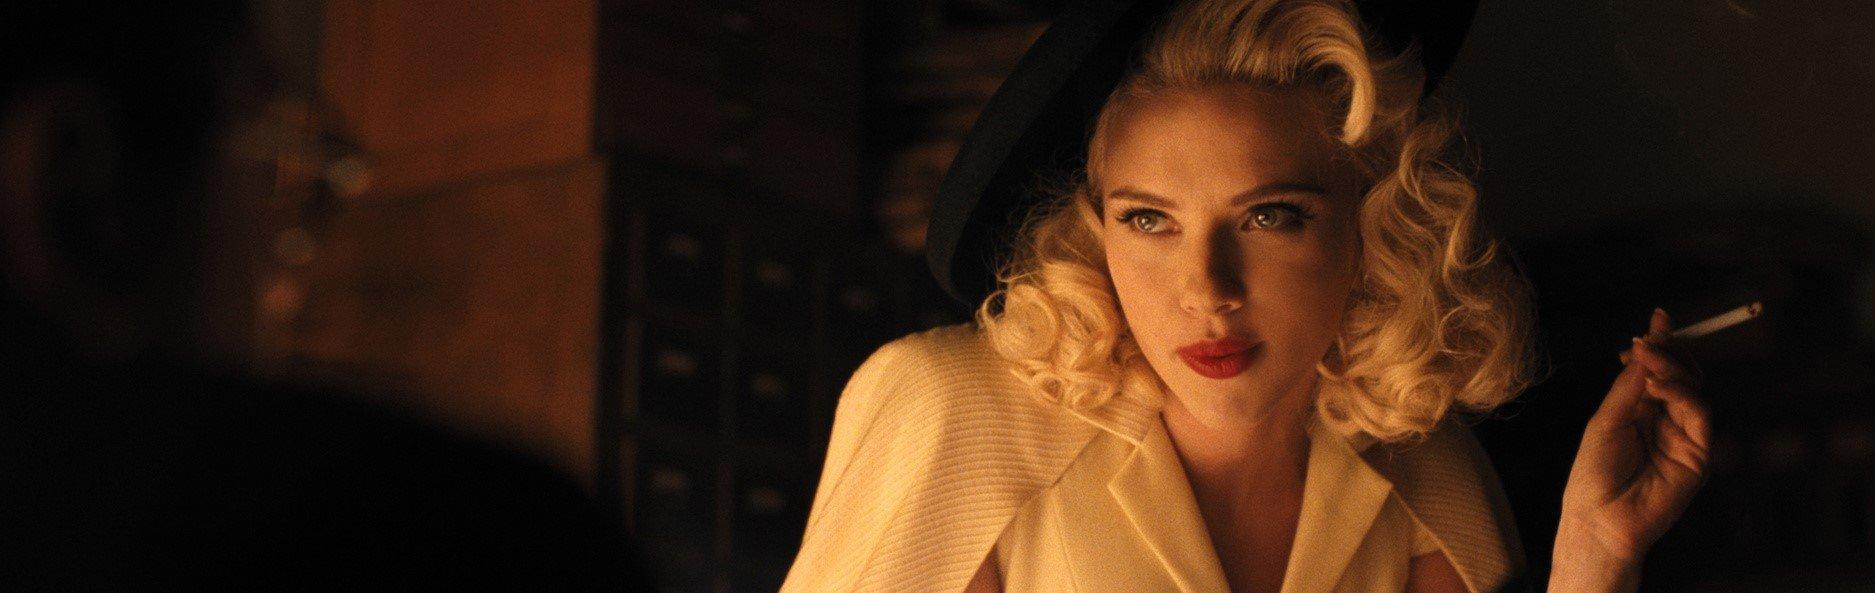 """""""Hail, Caesar!"""": DeeAnna Moran (Scarlett Johansson) hält eine Zigarette in der Hand und sieht lasziv zur Seite. ©ZDF und Alison Rosa."""